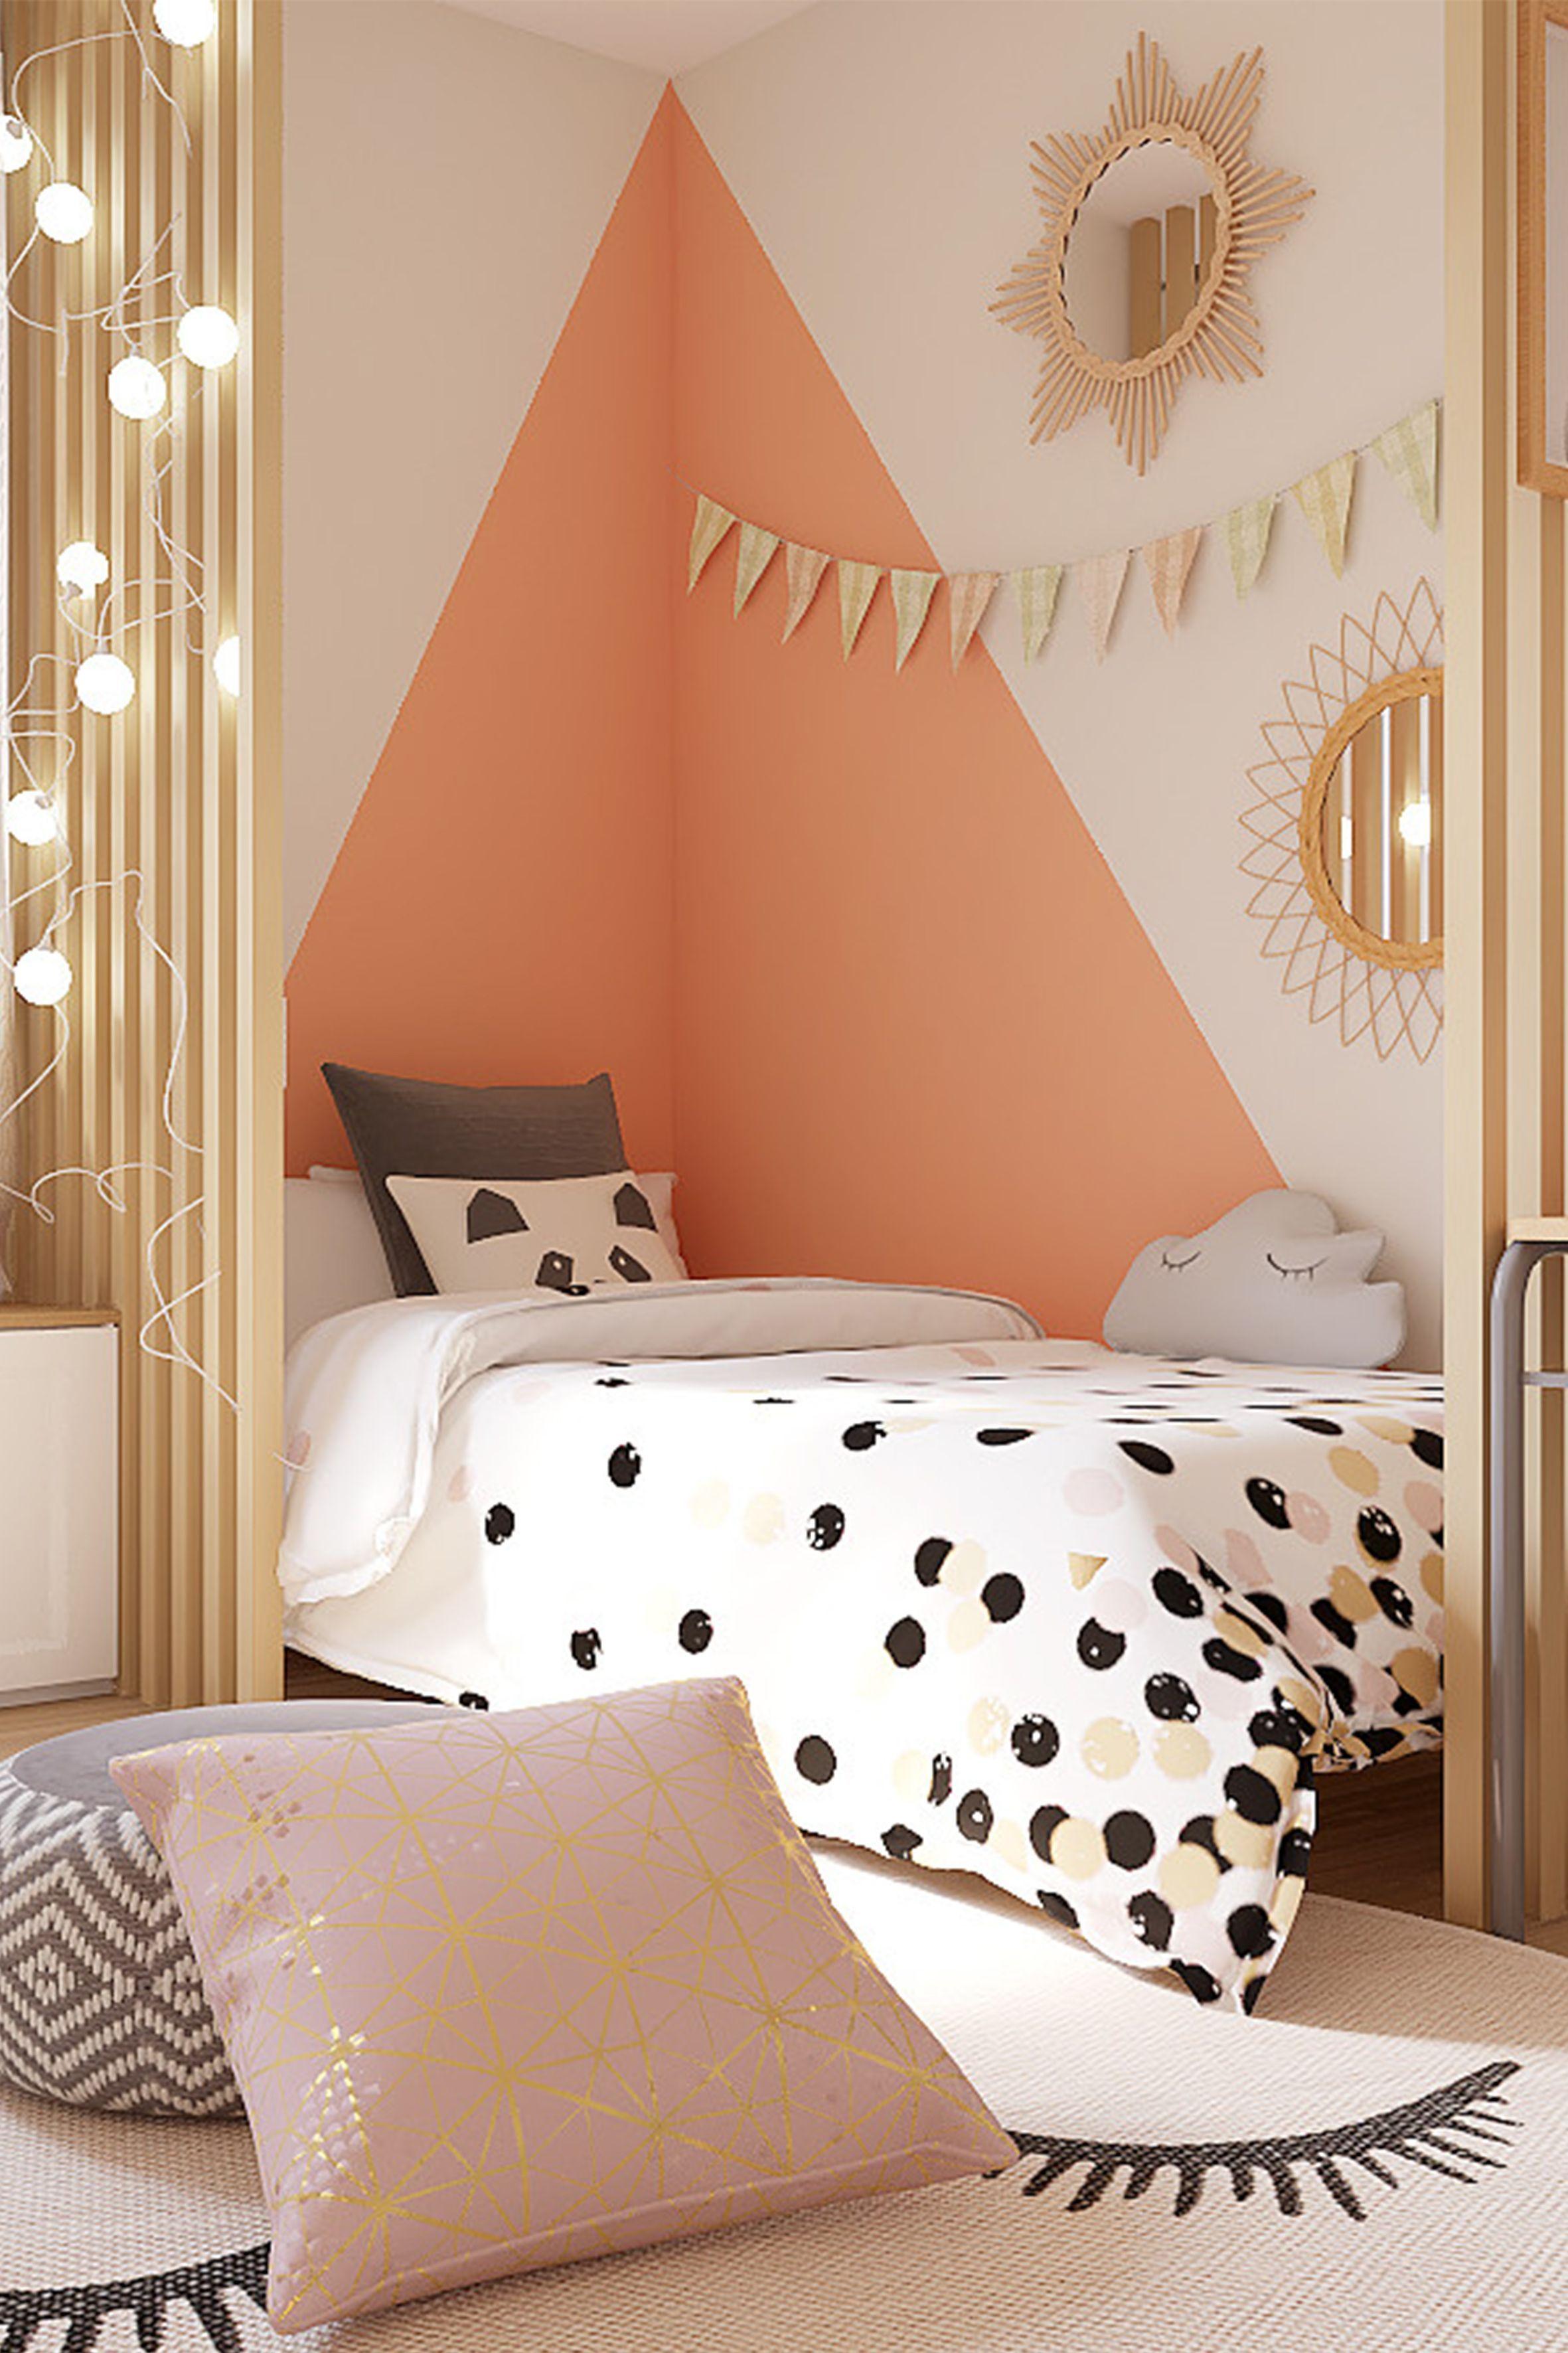 BATTLE DÉCO 10 : Aménager une chambre denfant - #: #10 #aménager #BATTLE #chambre #Déco #denfant #Une